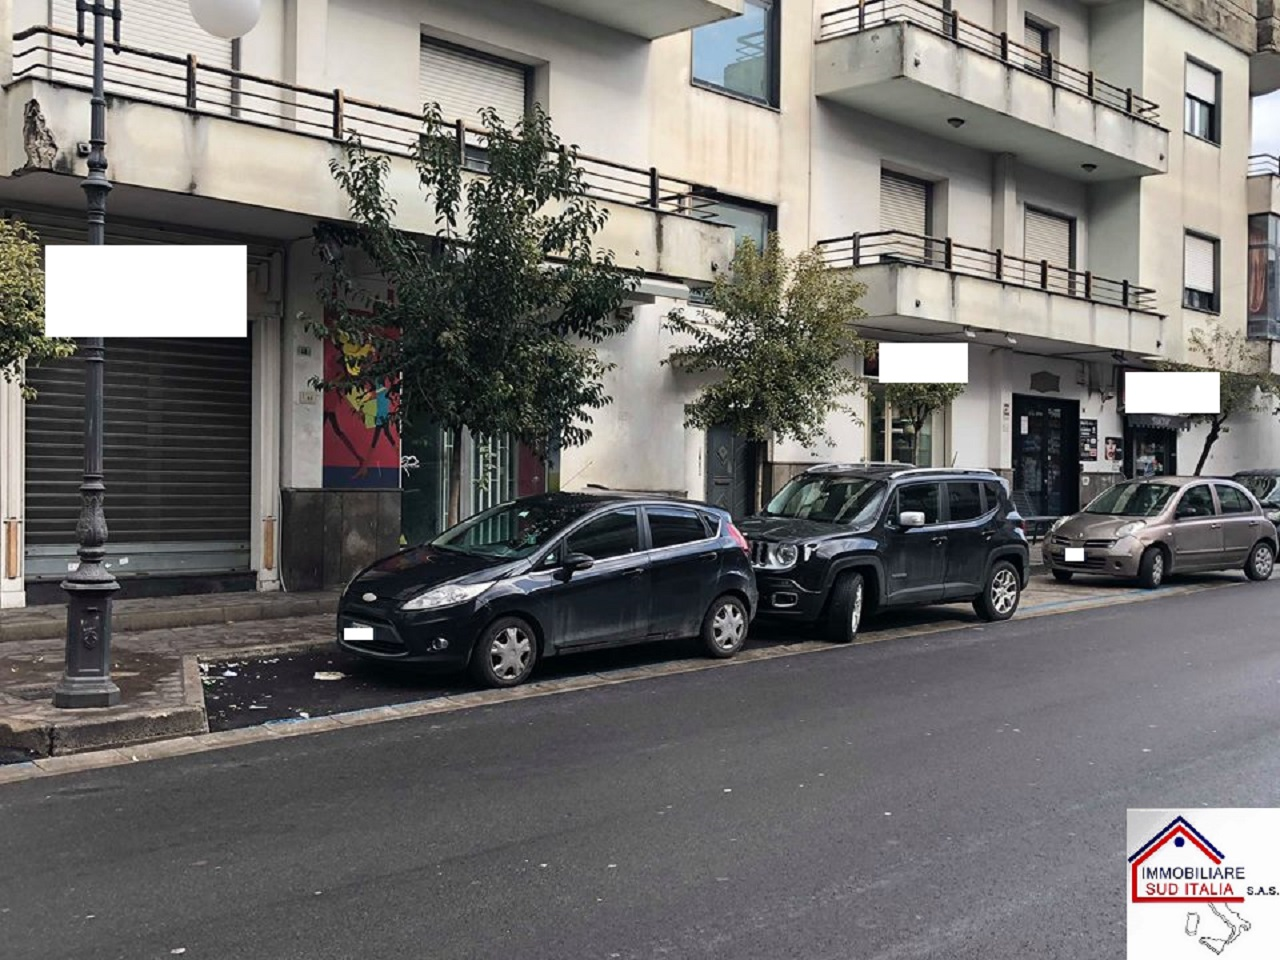 Negozio / Locale in affitto a Qualiano, 9999 locali, prezzo € 600 | CambioCasa.it